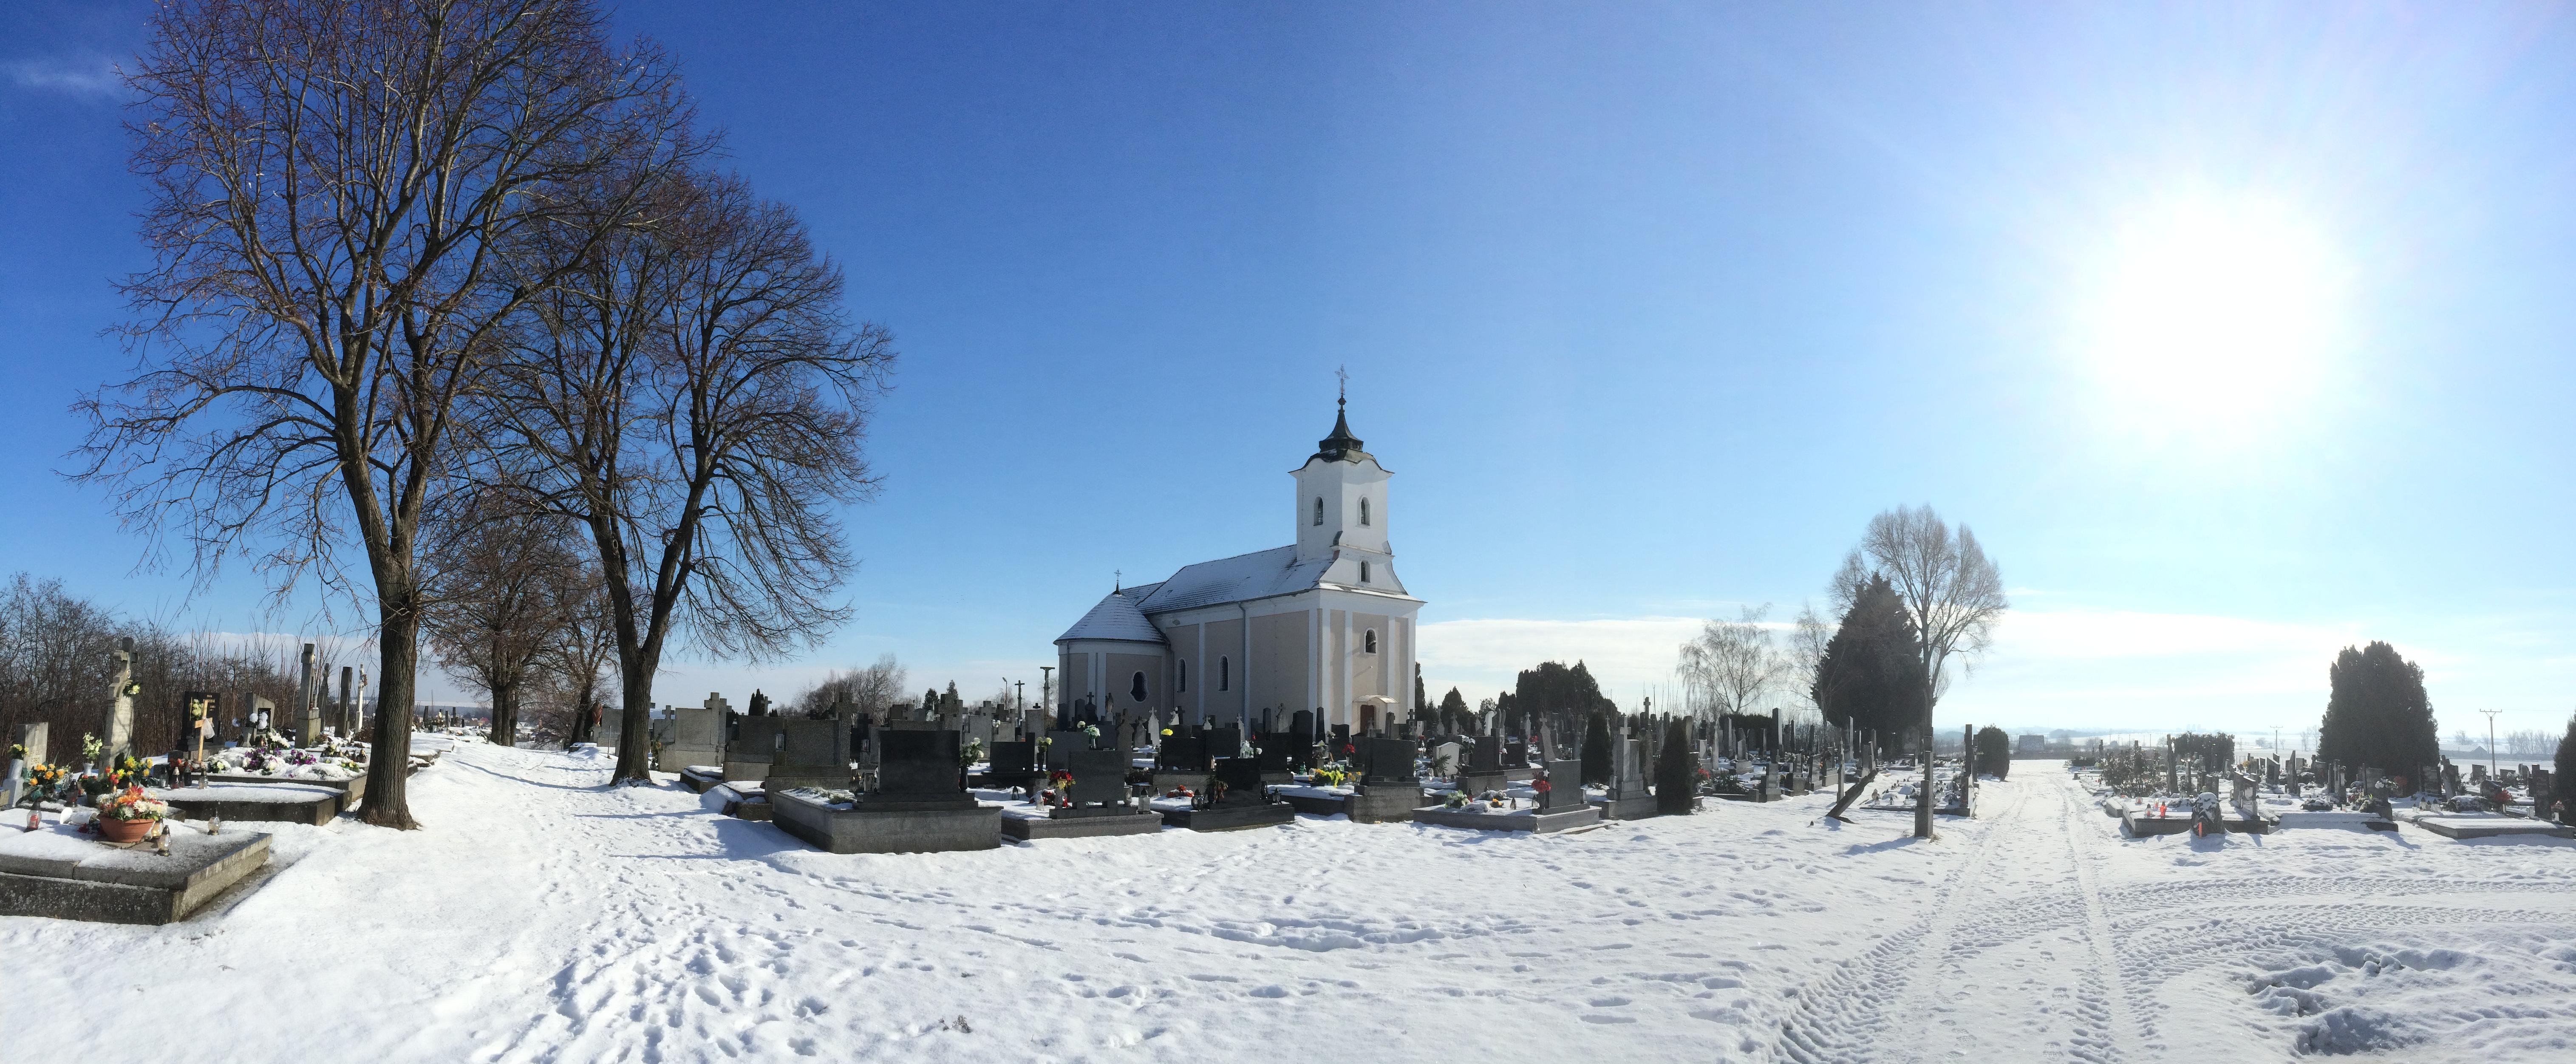 Kostol sv. Petra a Pavla